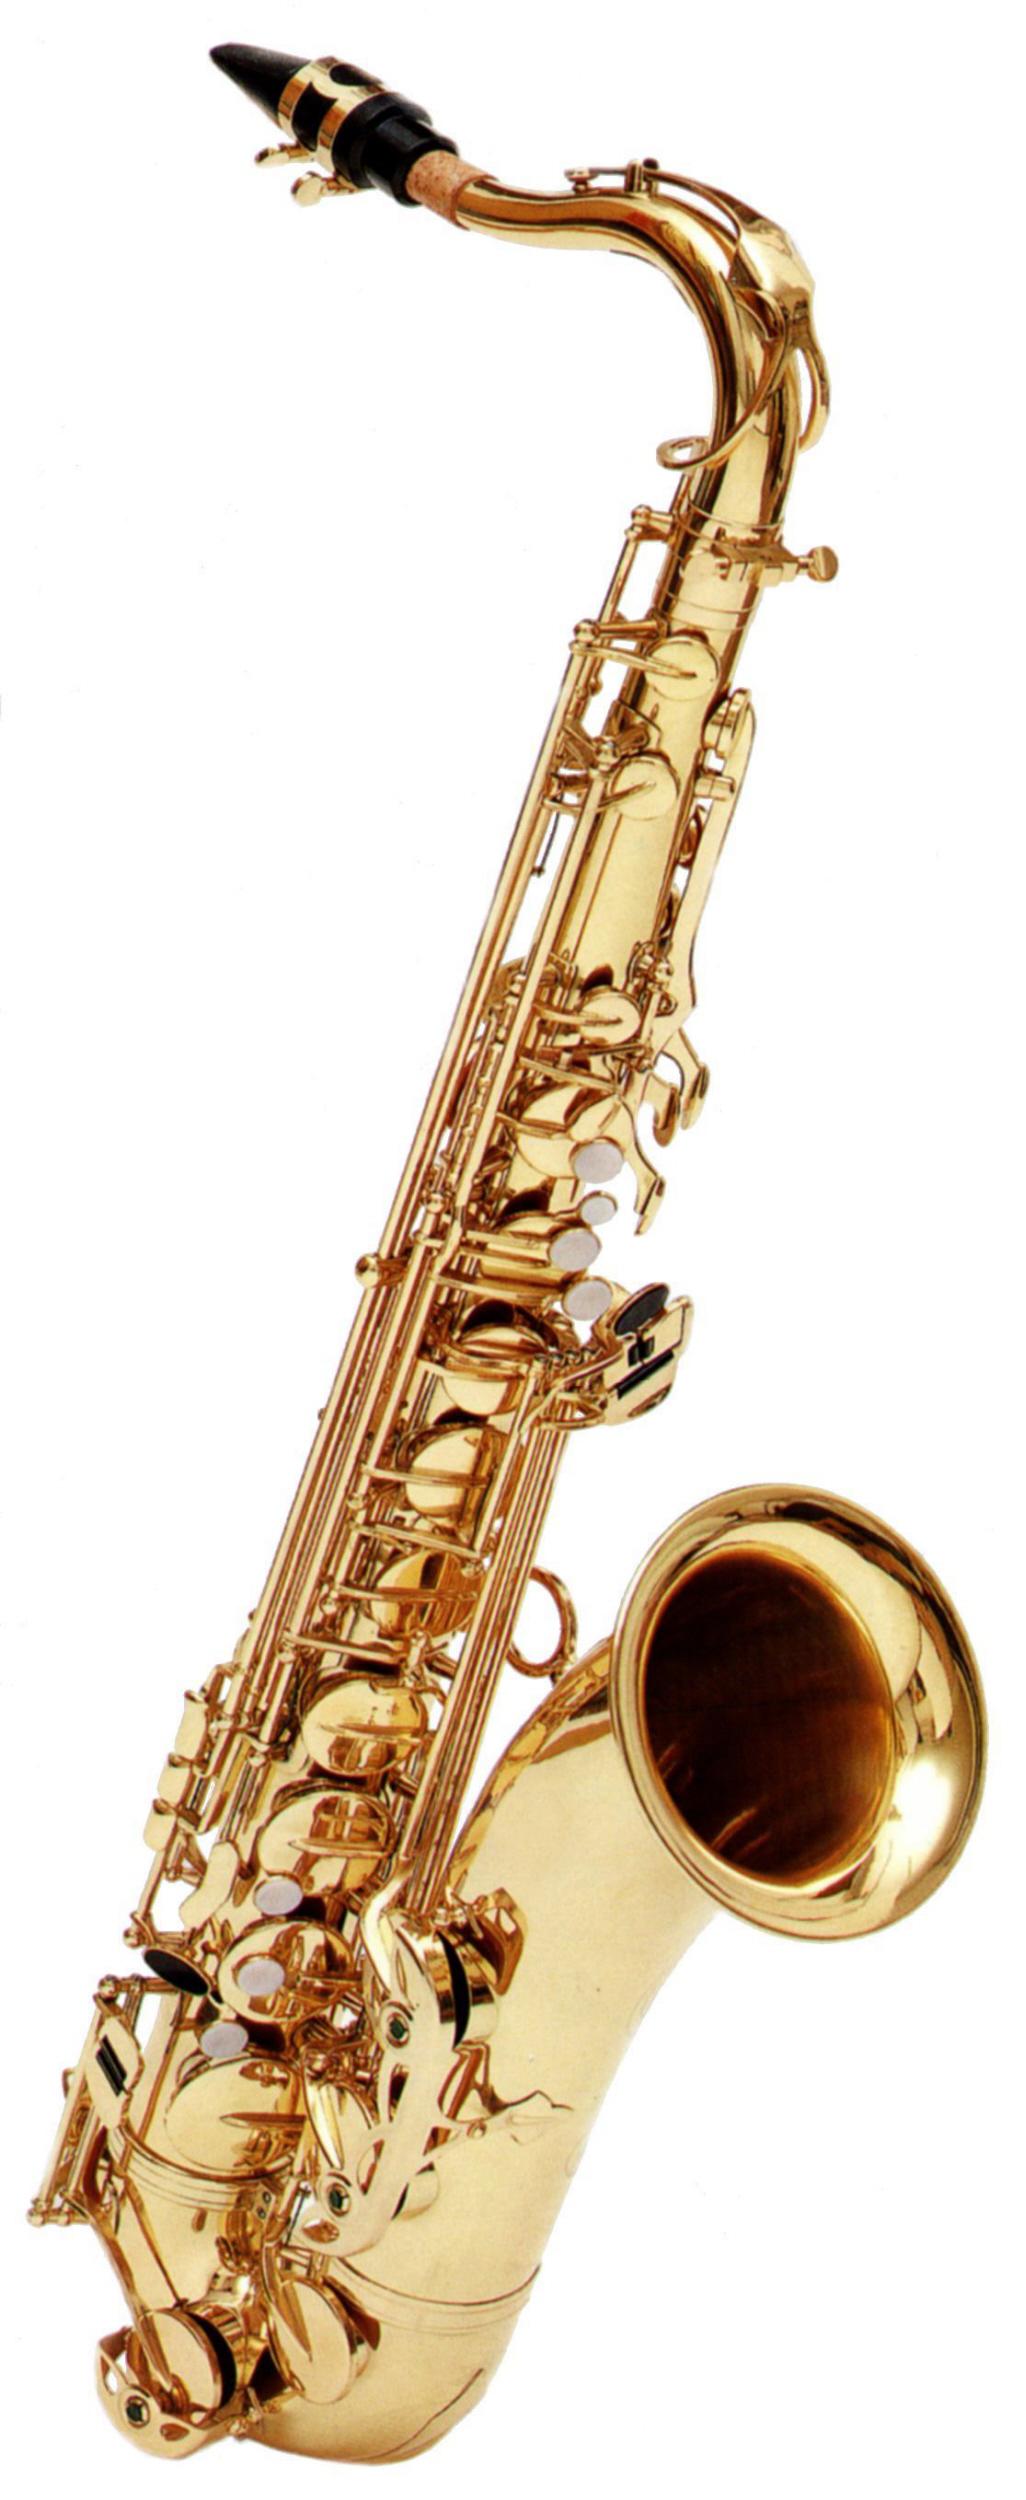 Ravel By Gemeinhardt Gemeinhardt Tenor Sax PartNumber: 05745287000P KsnValue: 05745287000 MfgPartNumber: BTSRGT202